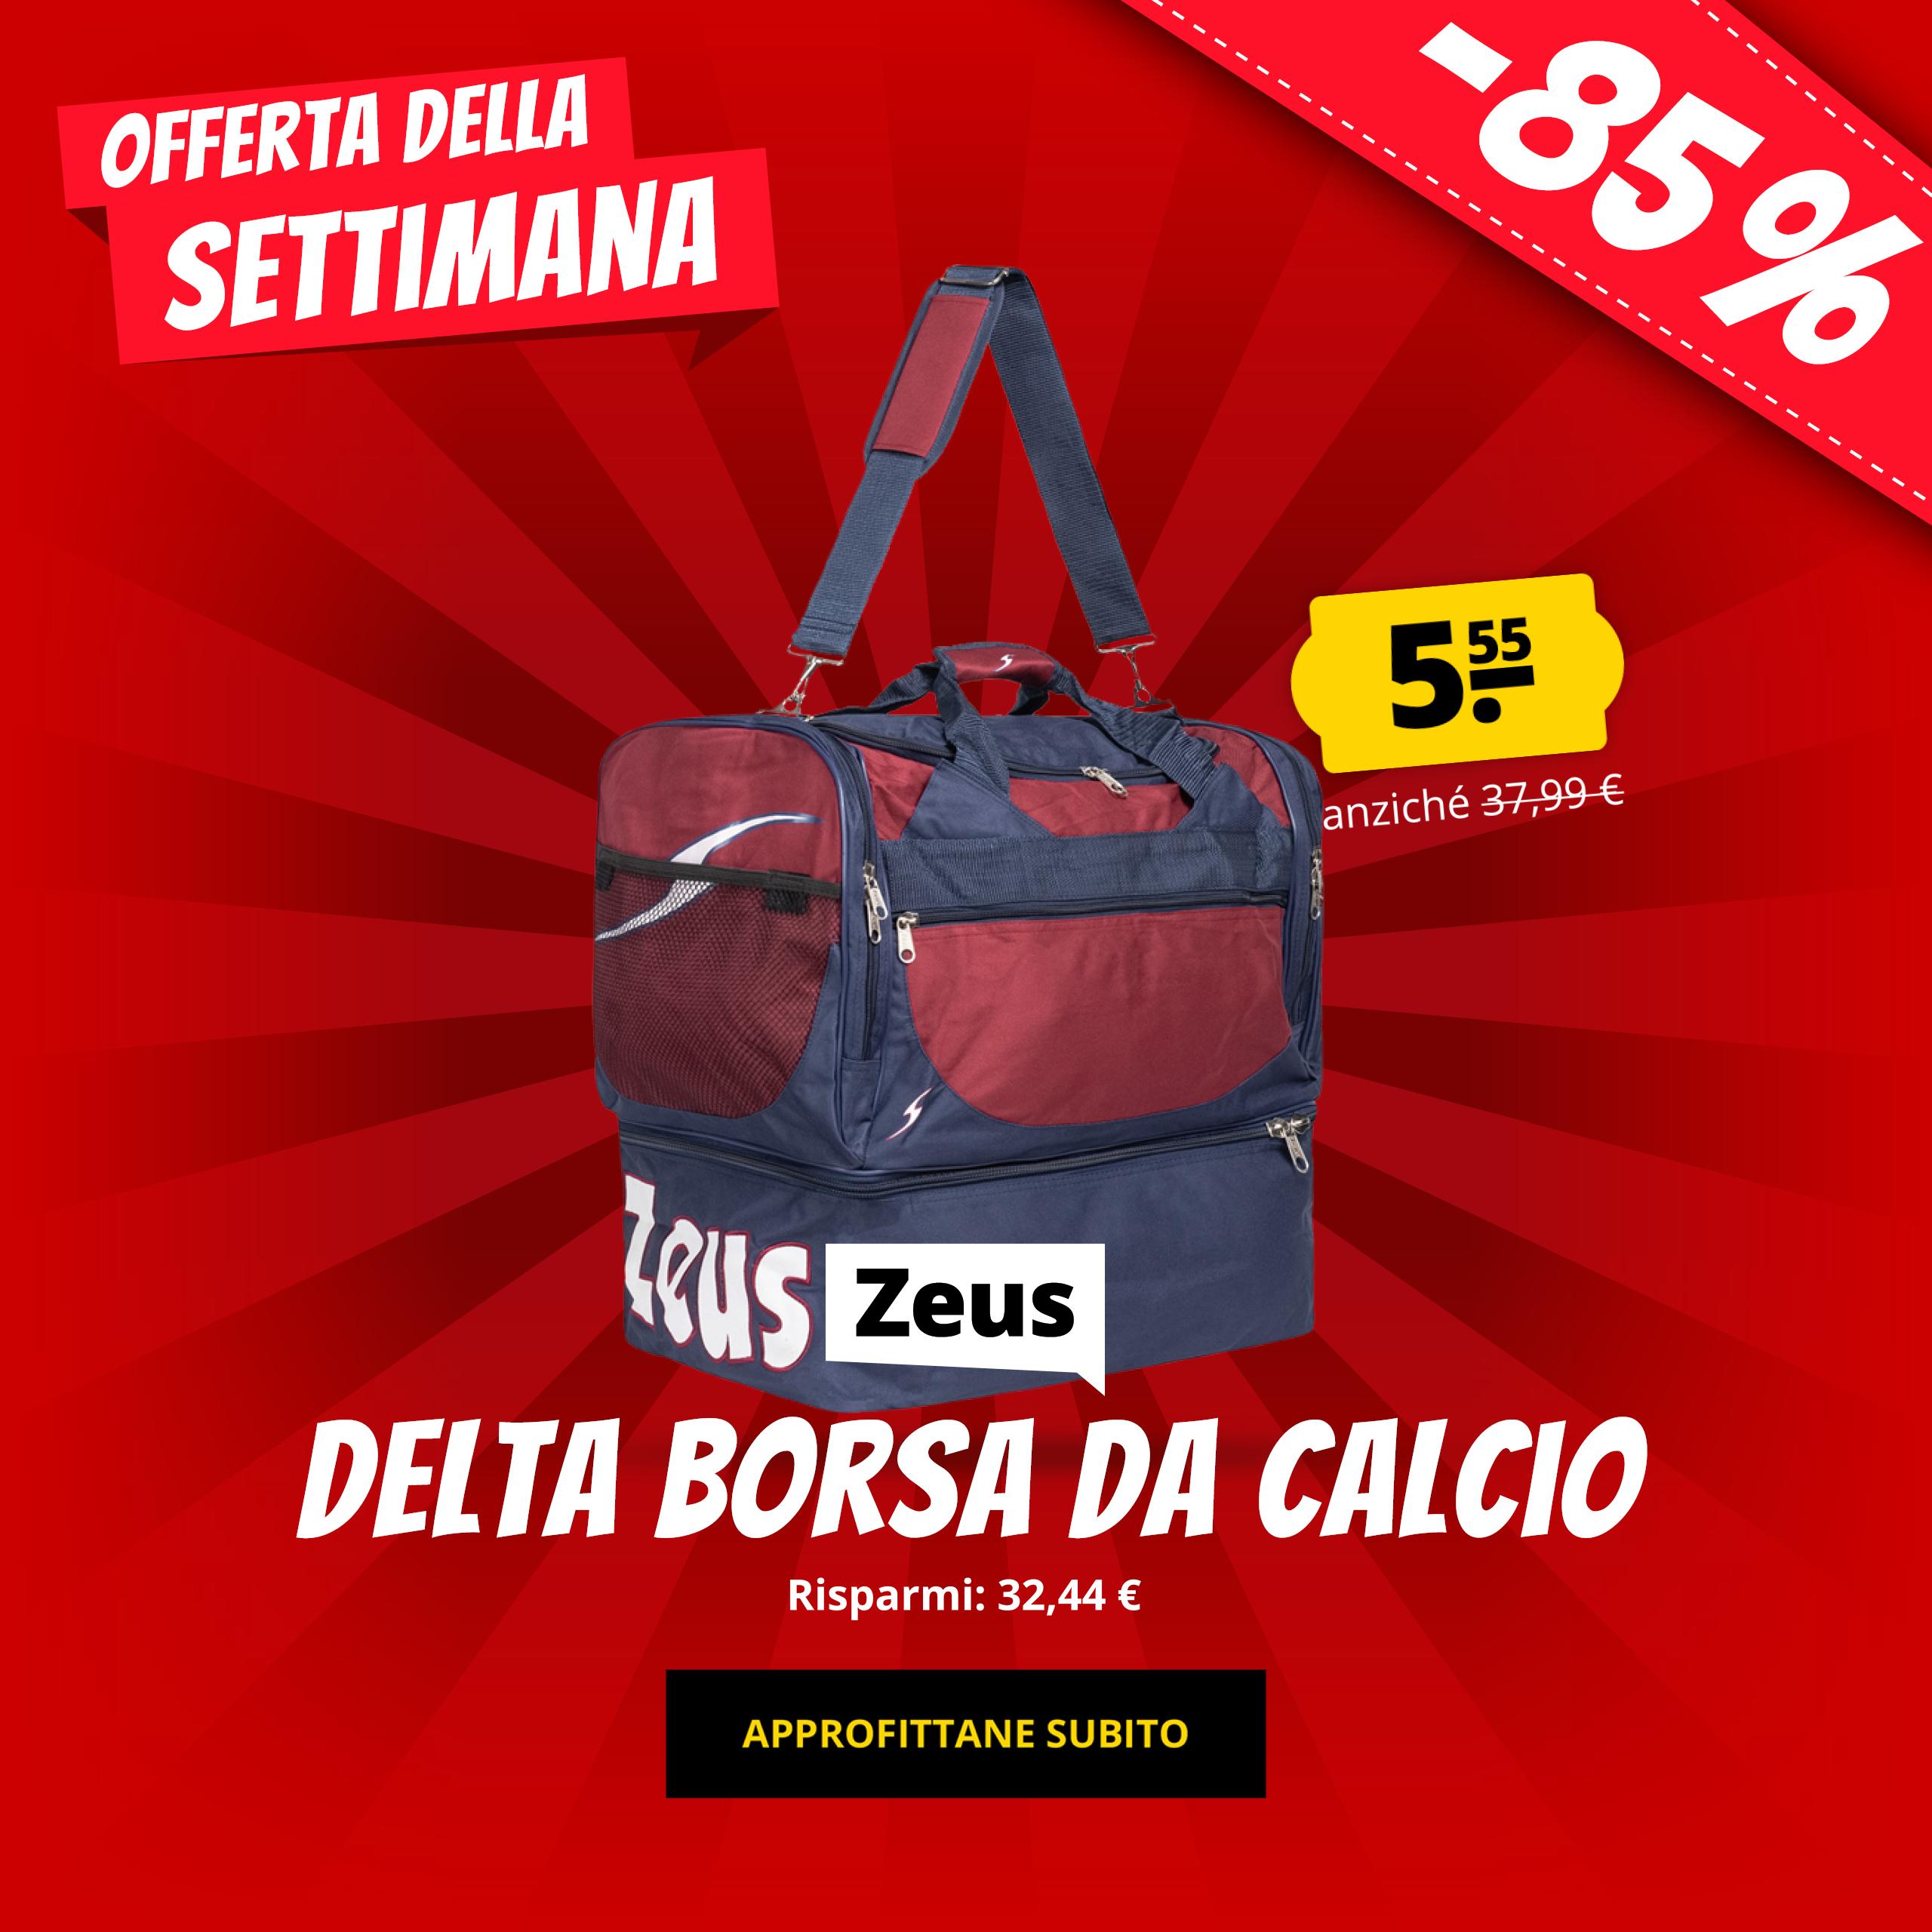 Zeus Delta Borsa da calcio solo 5,55 €